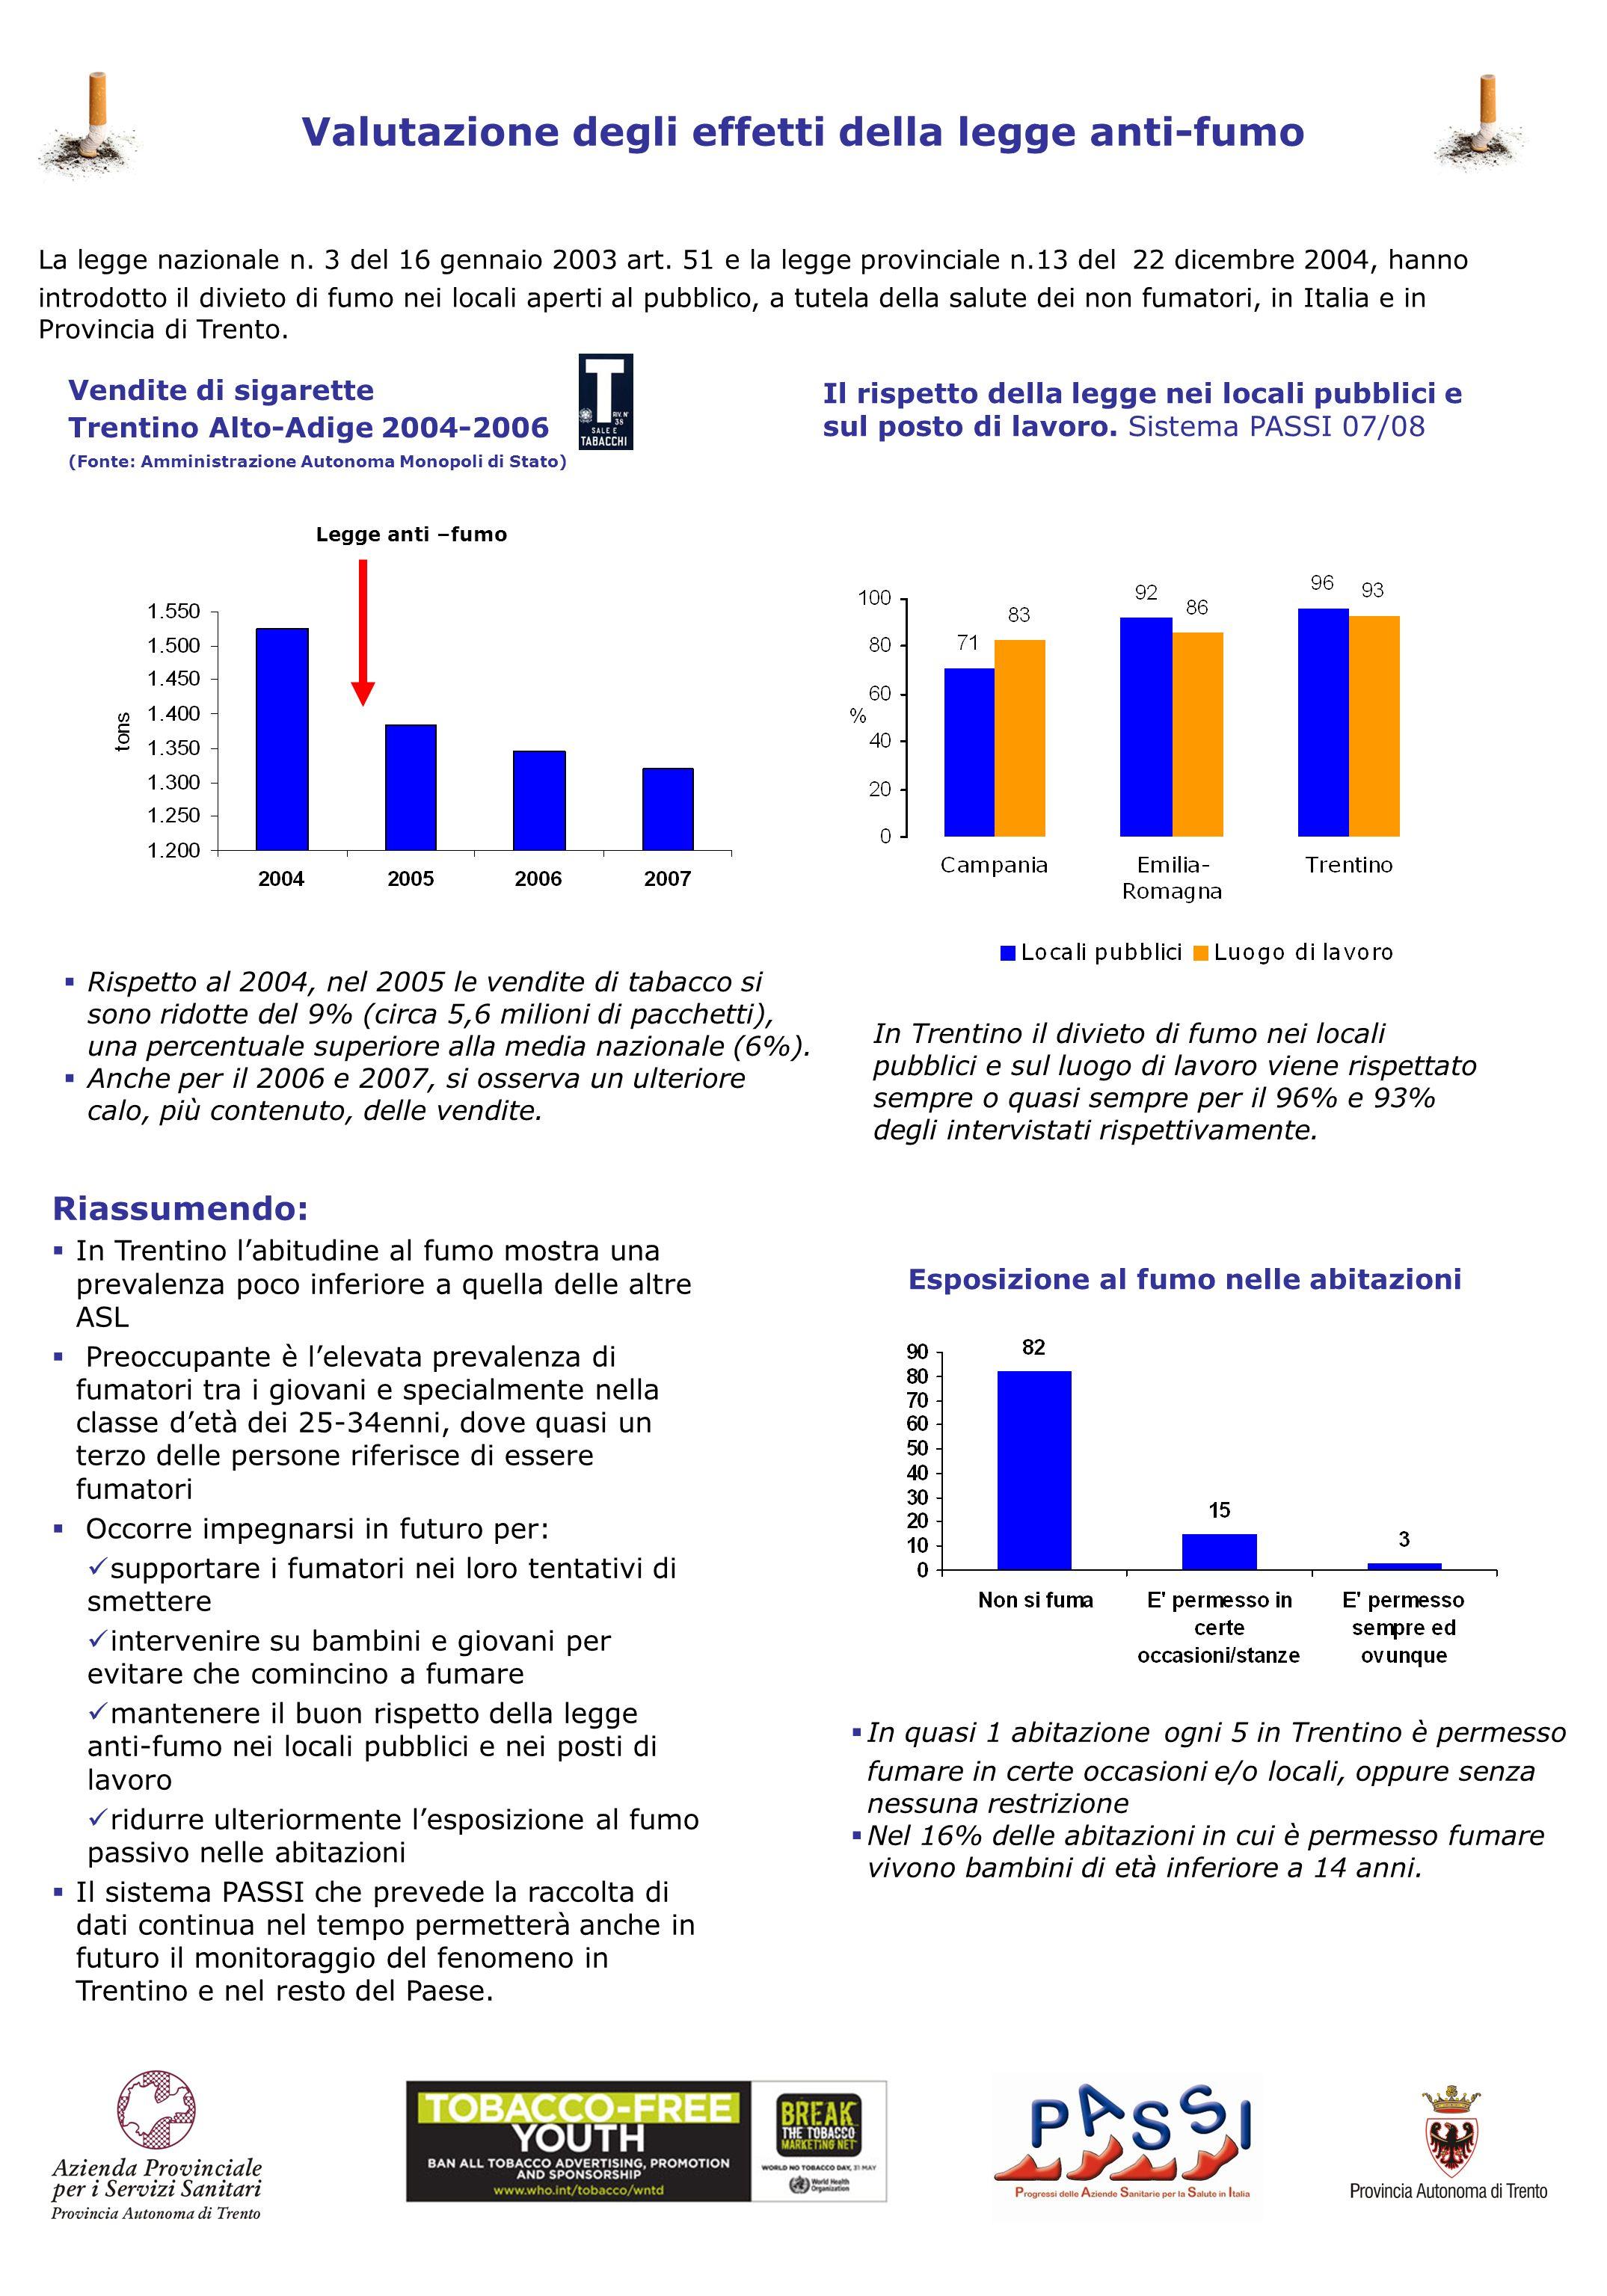 Valutazione degli effetti della legge anti-fumo